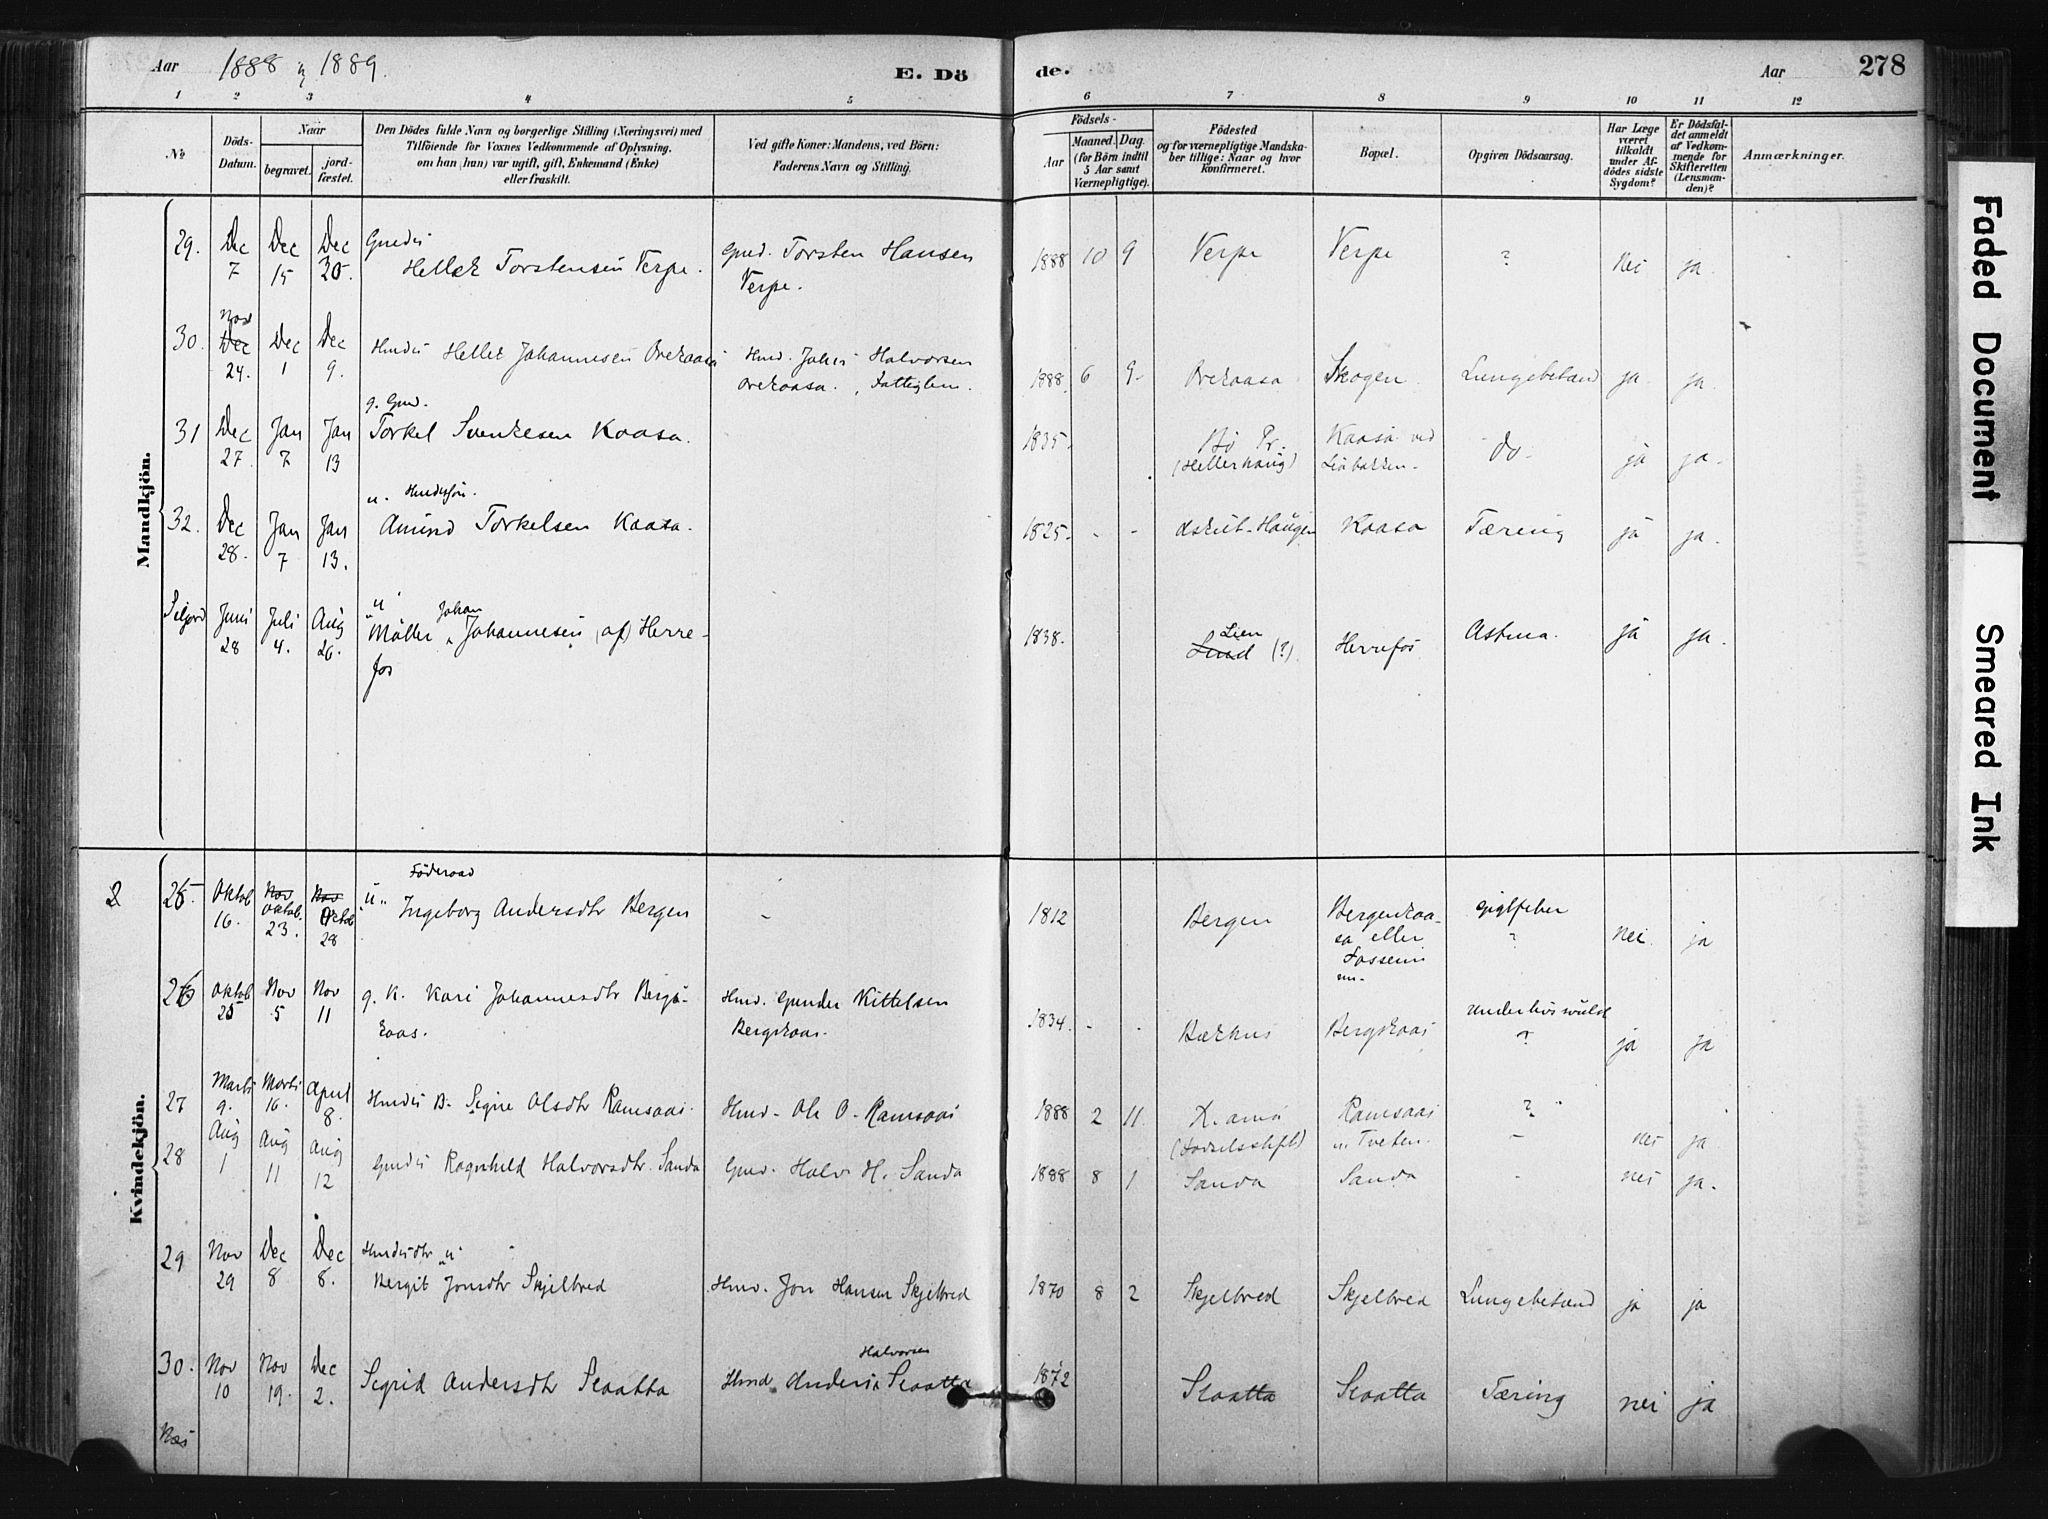 SAKO, Bø kirkebøker, F/Fa/L0010: Ministerialbok nr. 10, 1880-1892, s. 278